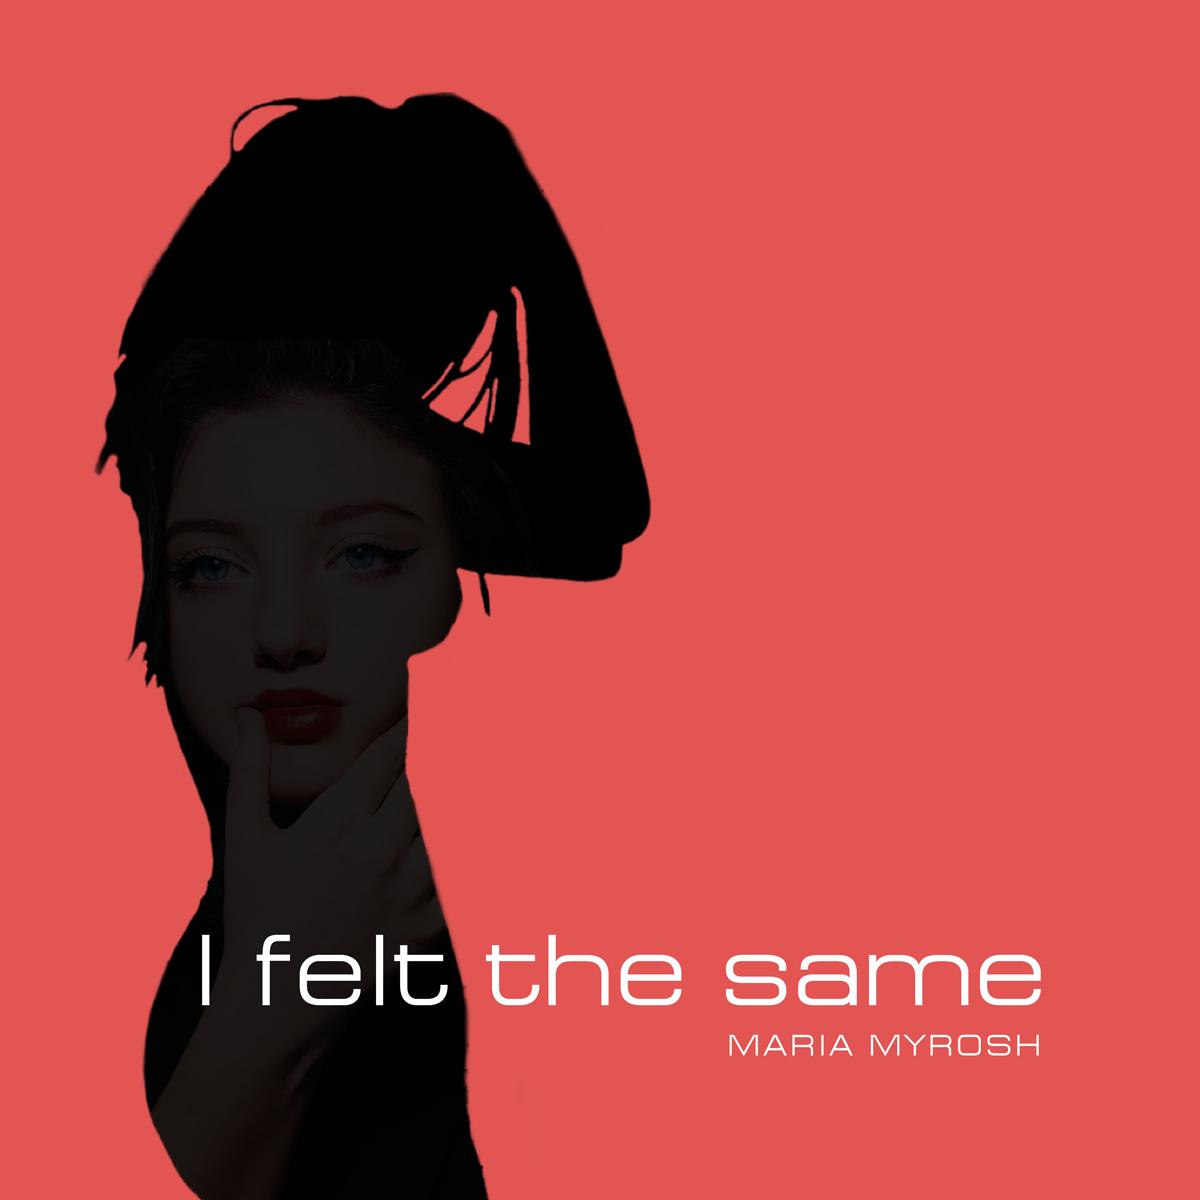 Maria Myrosh – I Felt the Same